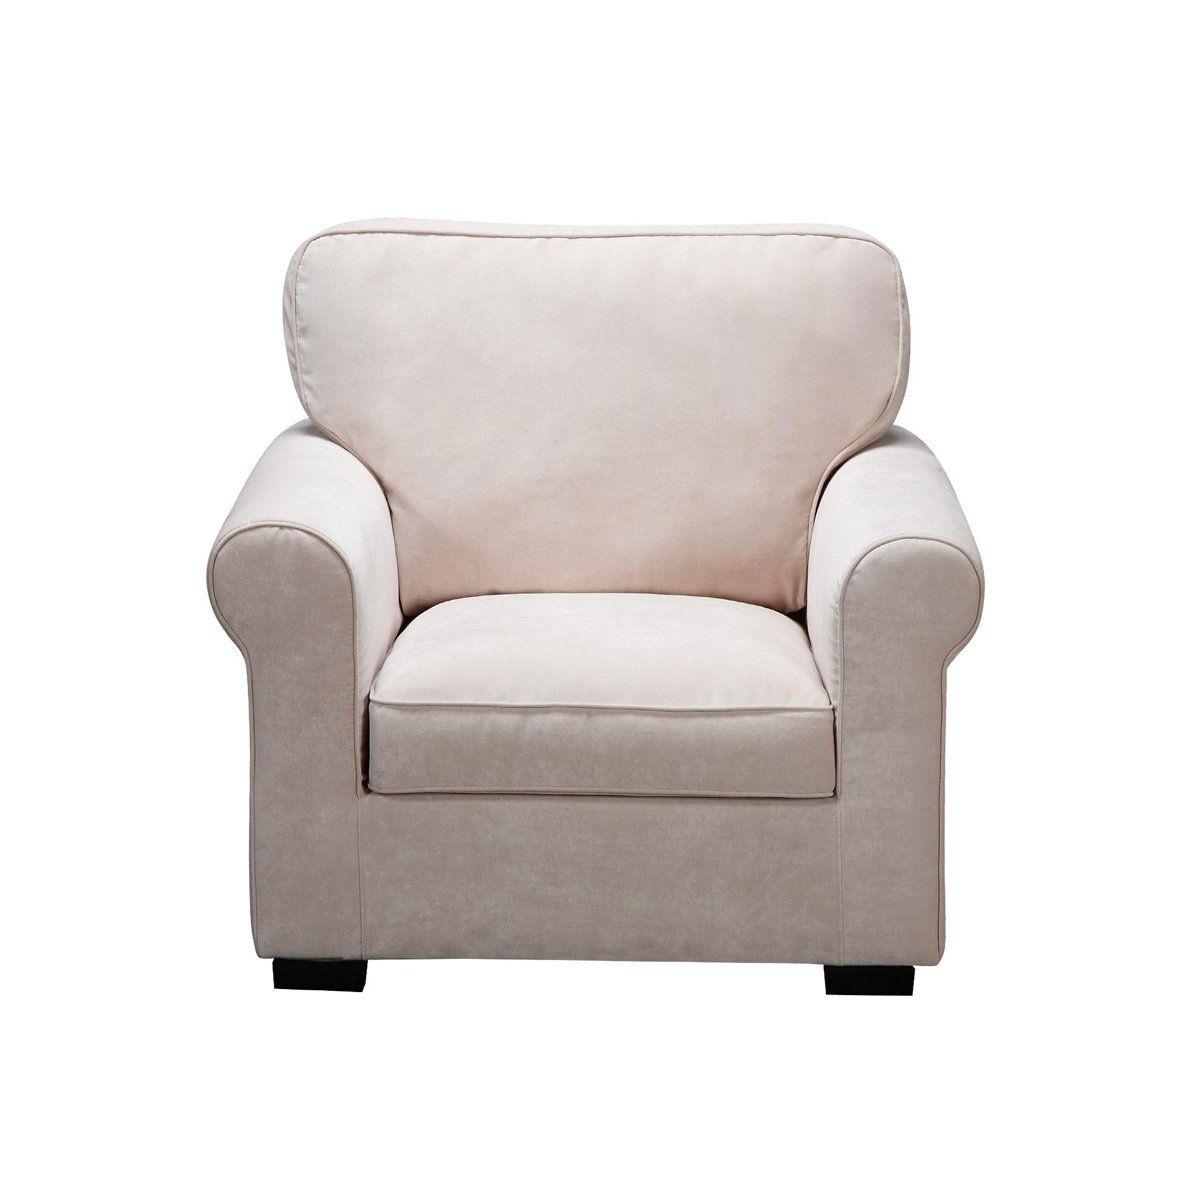 Superb Leather Single Sofa